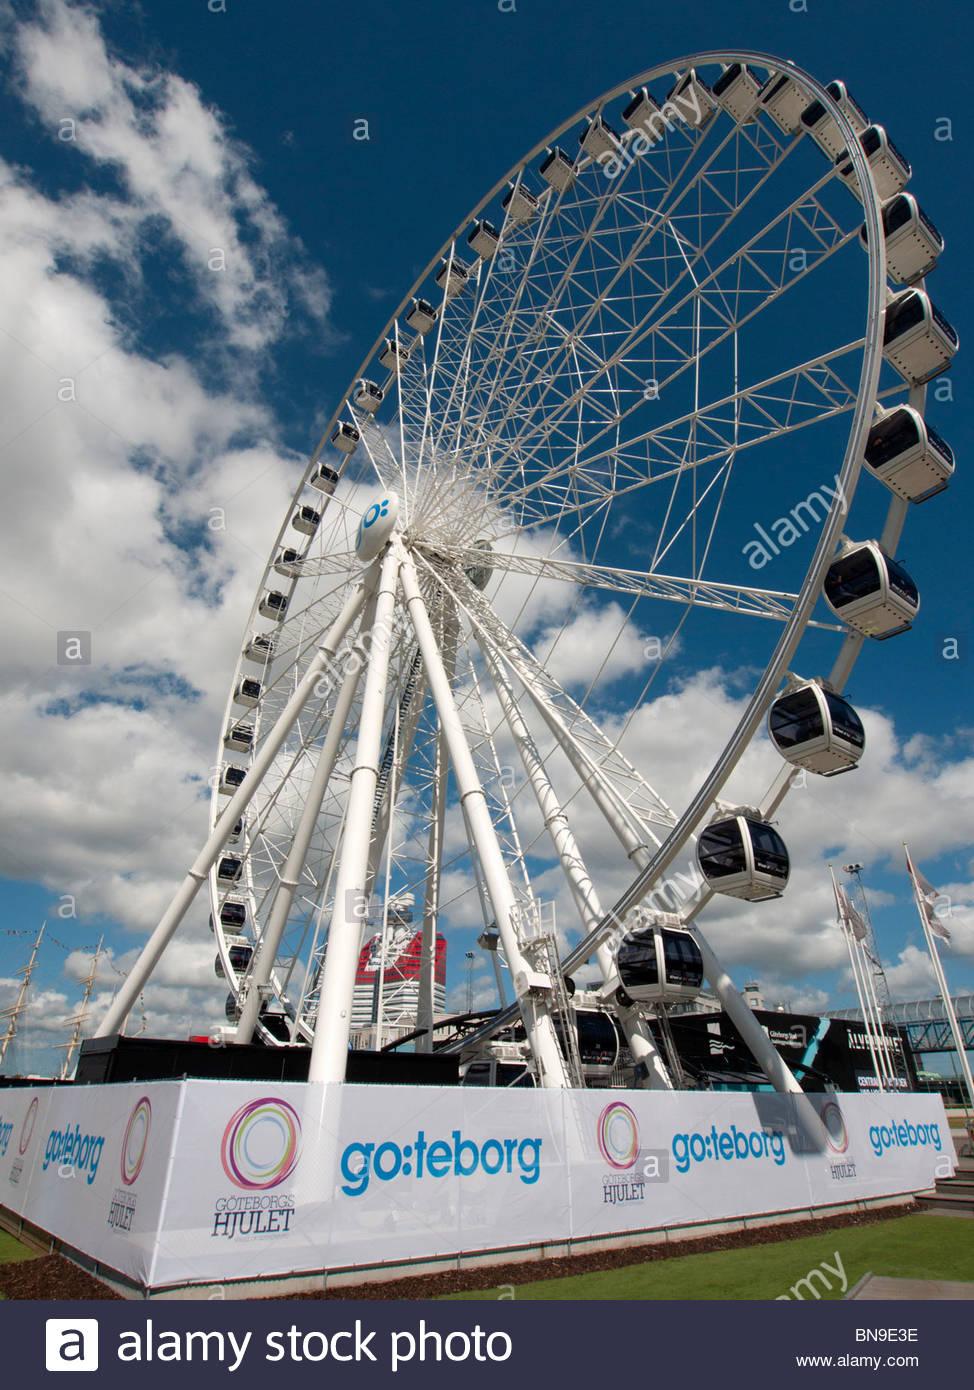 Blick auf neue Göteborg Rad touristische Attraktion im schwedischen Göteborg Stockbild